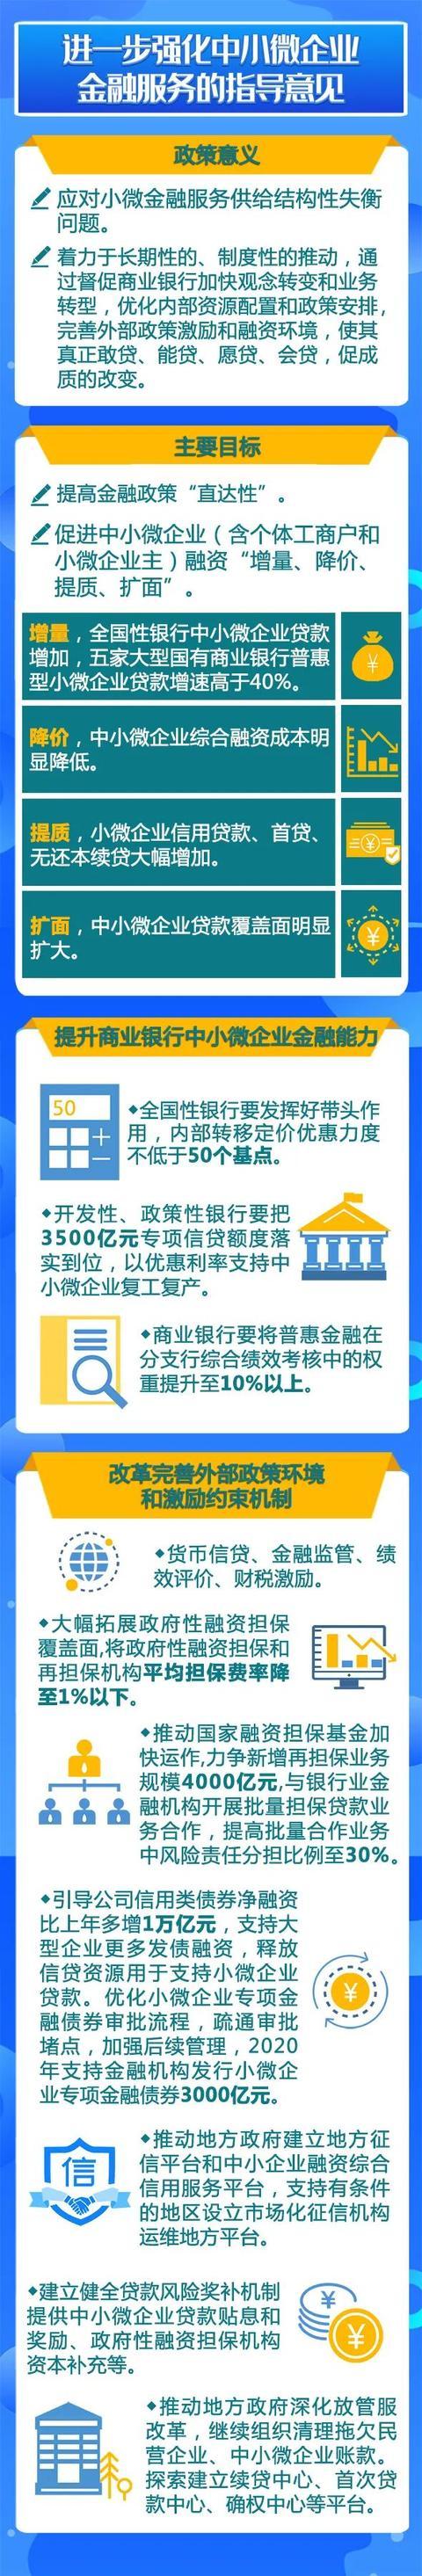 一图读懂金融支持稳企业保就业政策工具